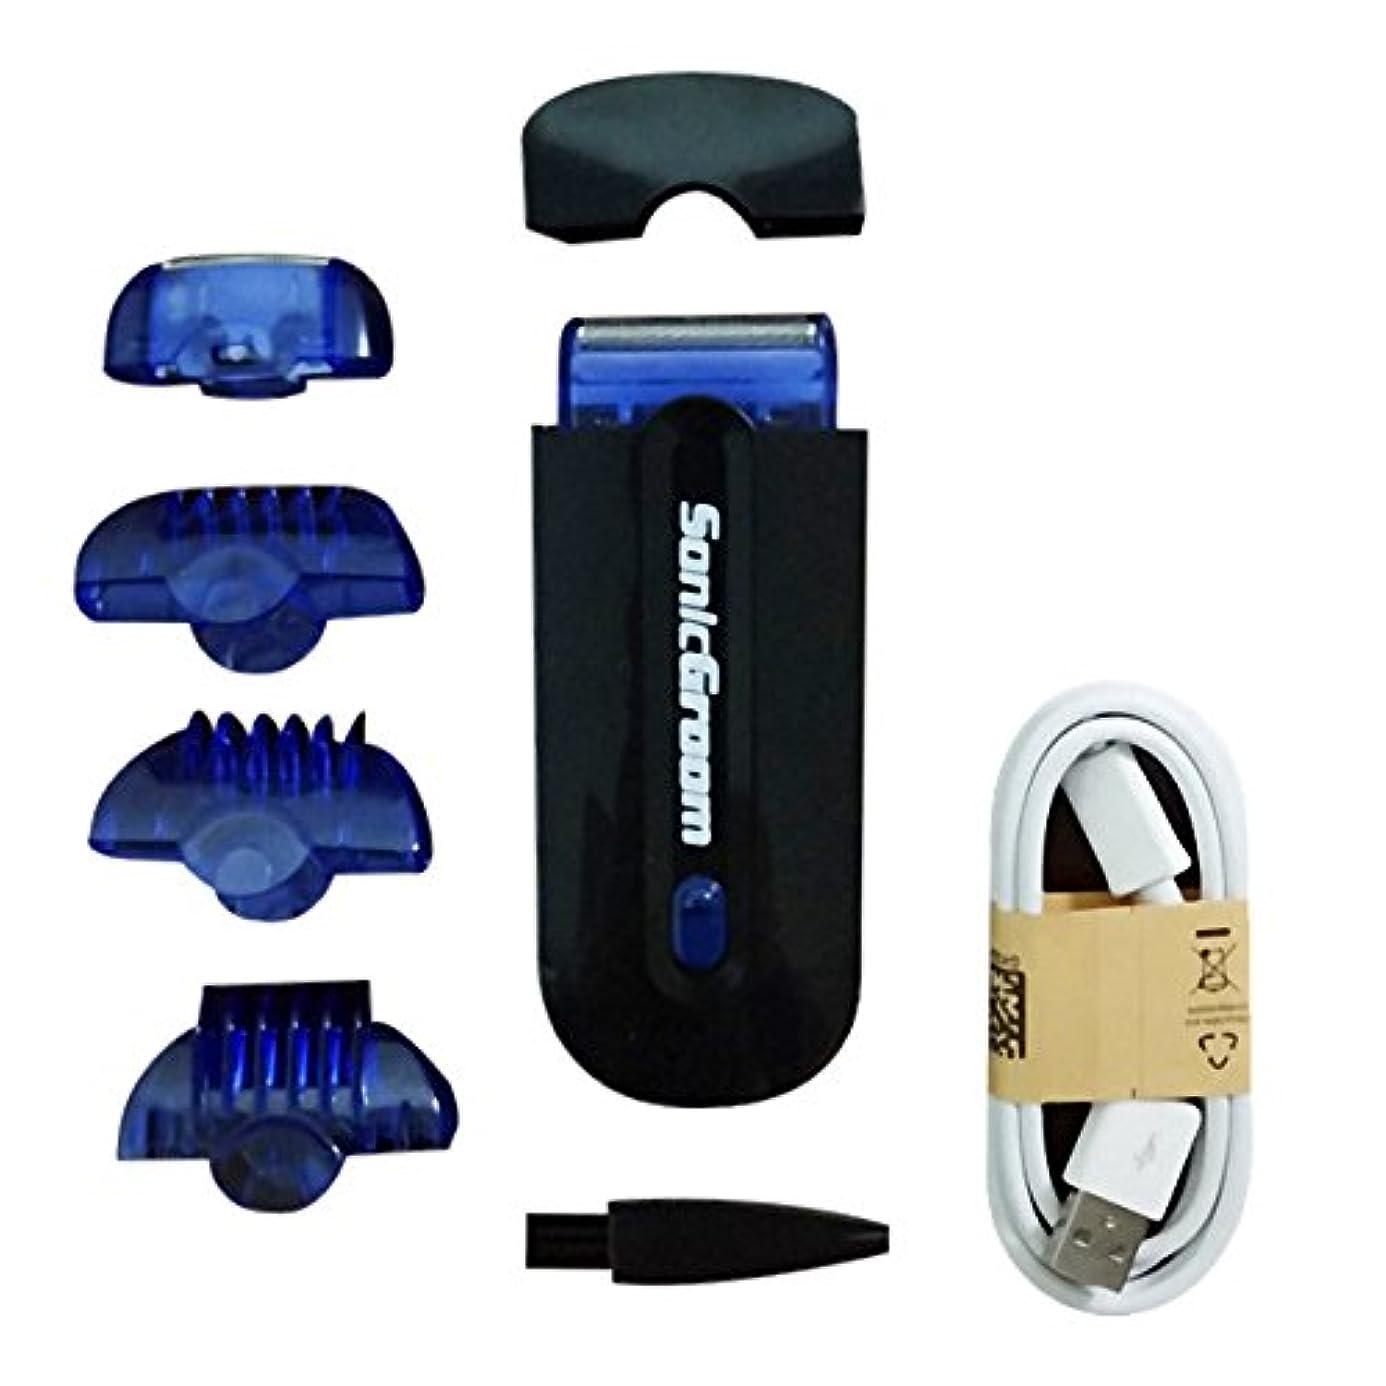 システムエゴイズム記憶に残るFelimoa ボディトリマー 男性用 センサーライト付き USB電源 小型 4種パターン処理可 コンパクト メンズケア